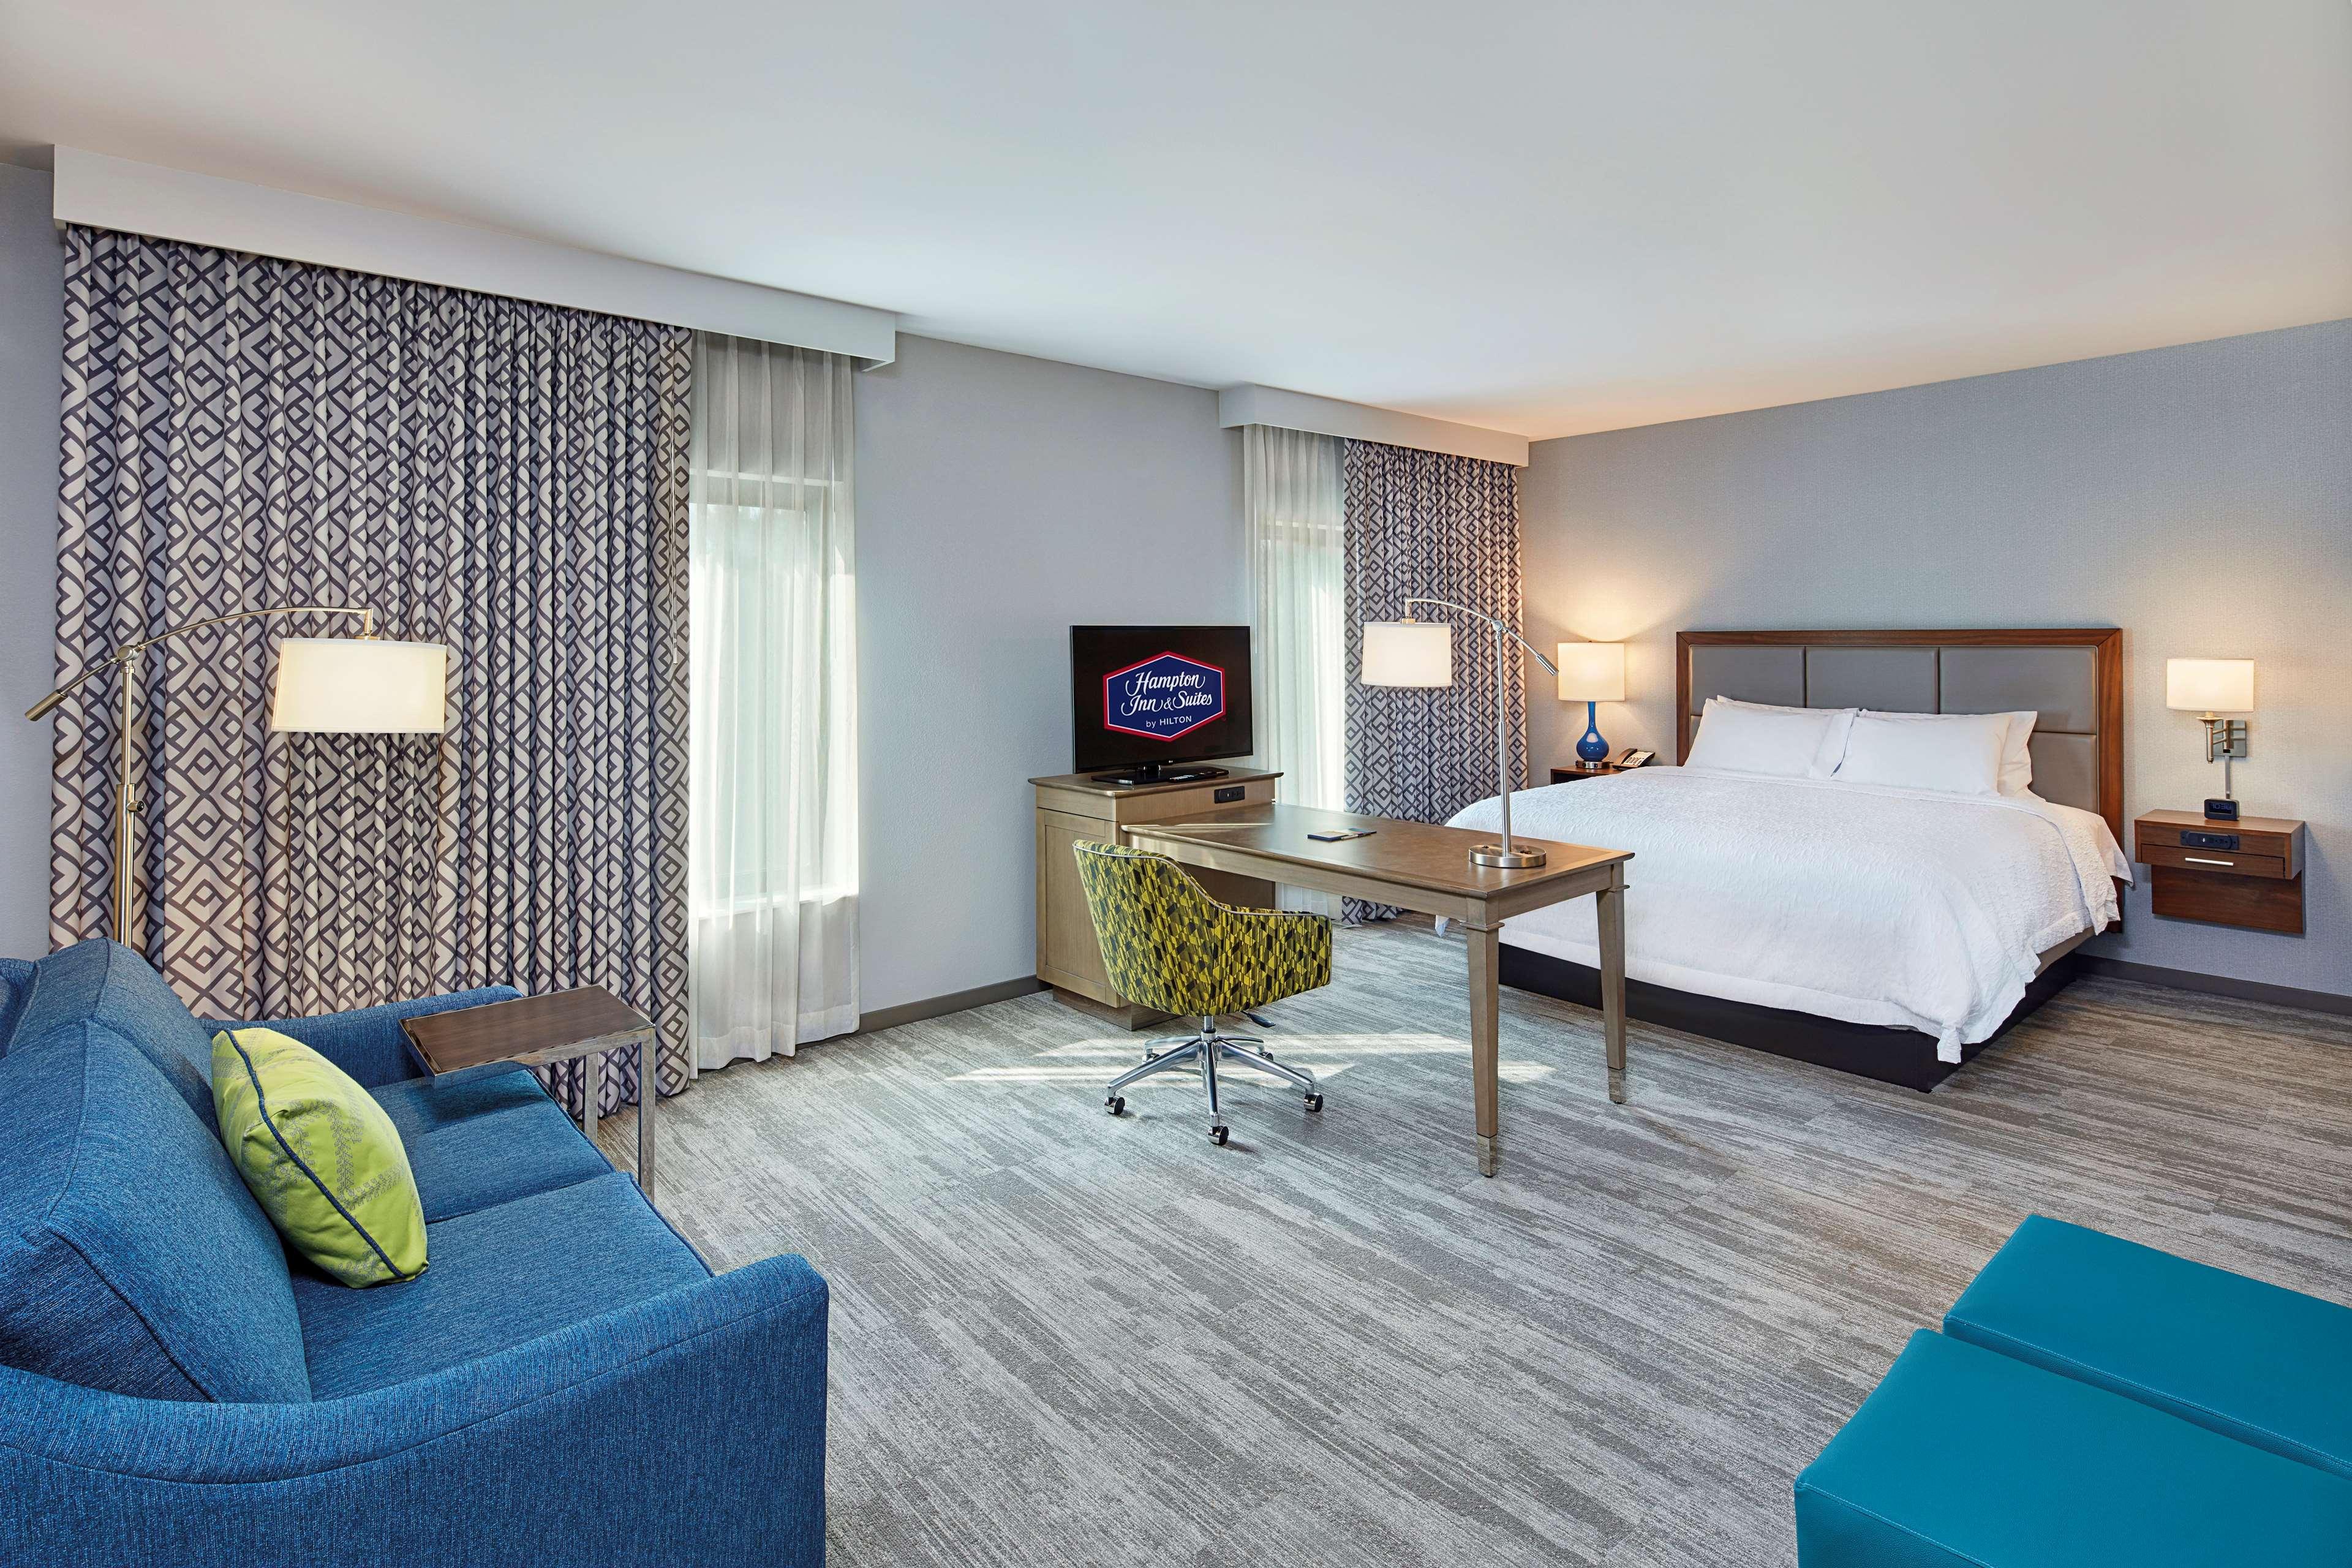 Hampton Inn & Suites Sacramento at CSUS image 22